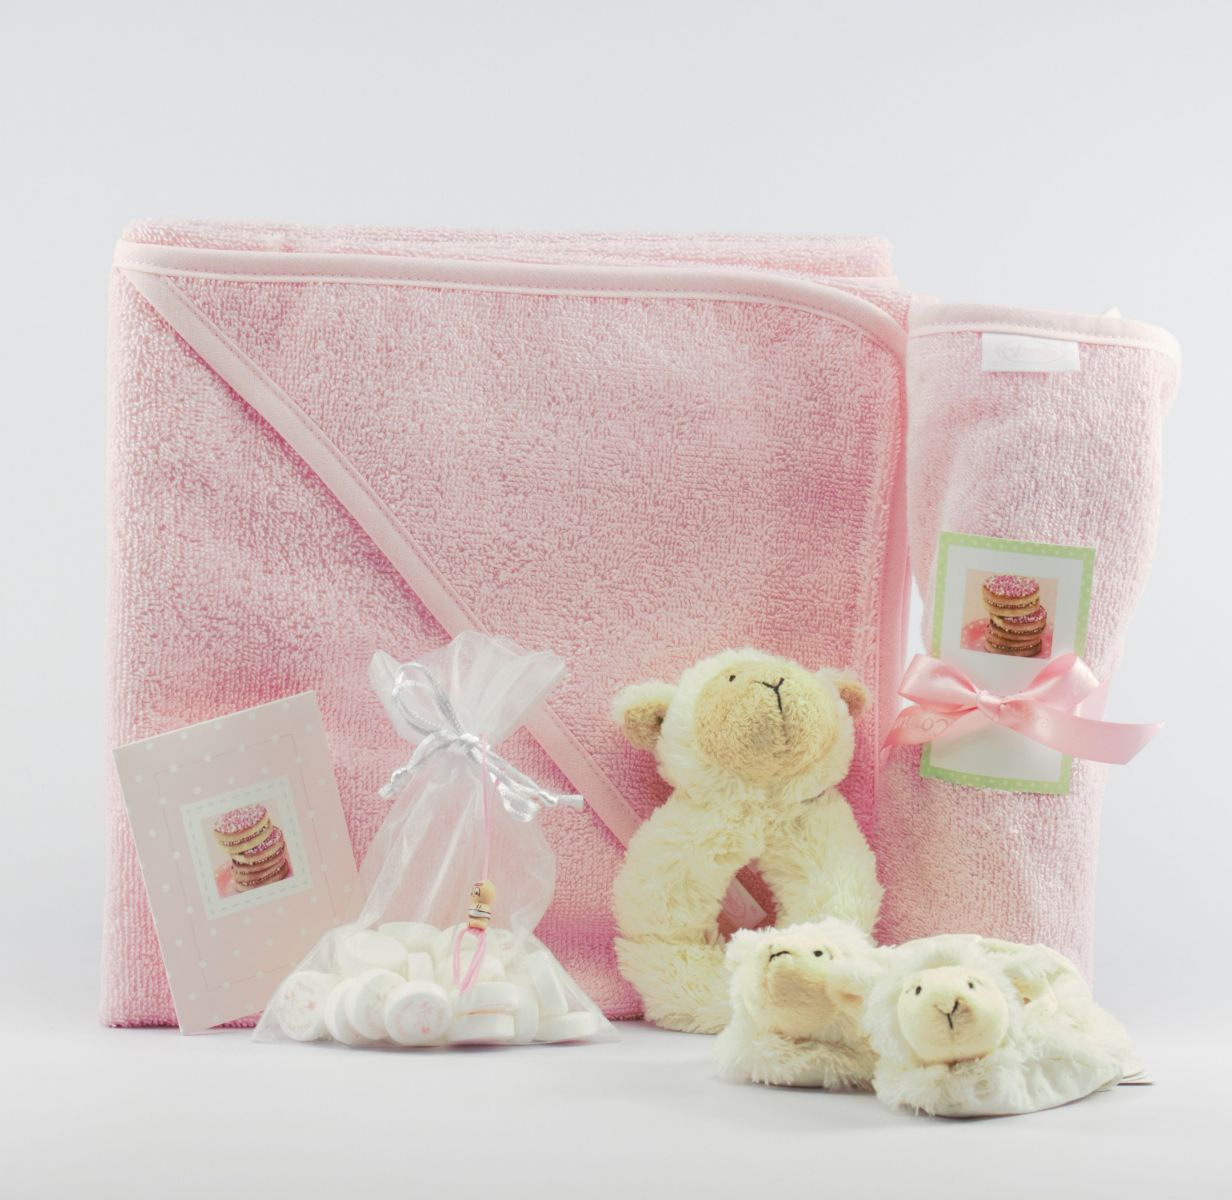 9fd94c28091 Maar ook namens particulieren versturen wij geboortepakketten naar de  nieuwe ouders. In onze webwinkel hebben wij diverse pakketten waar u uit  kunt ...